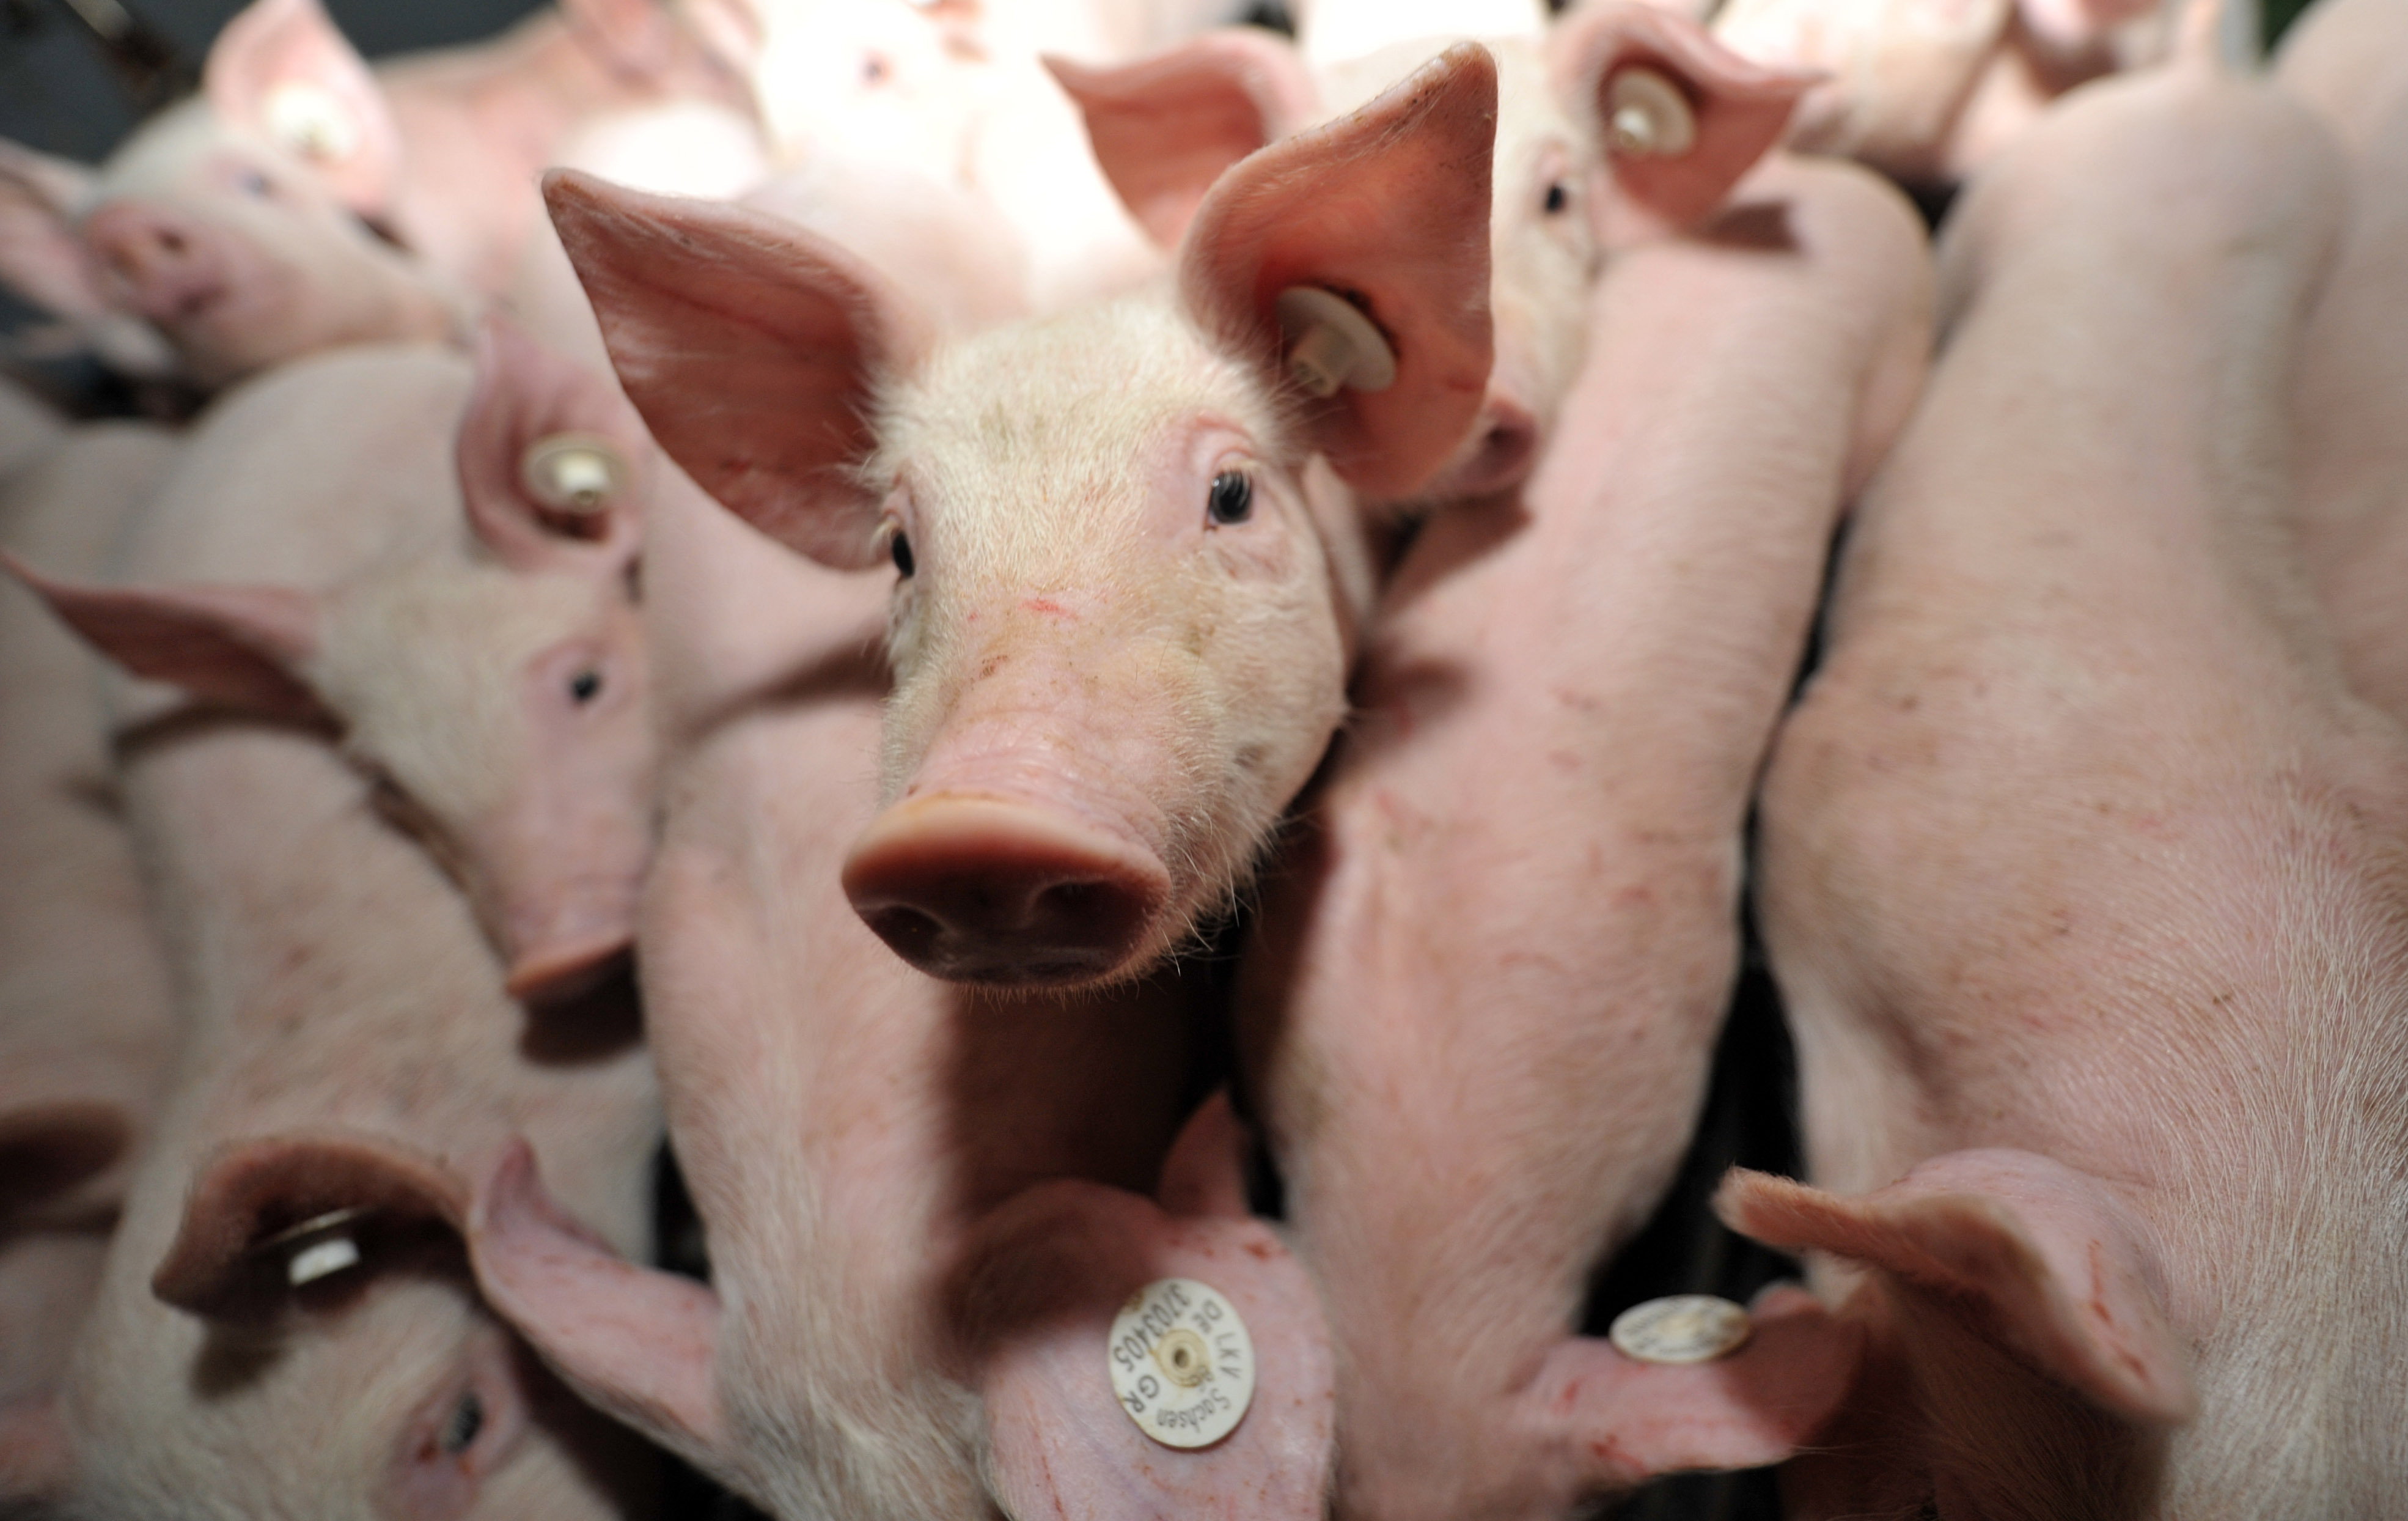 χοίρος χοιρινό λουκάνικα γουρούνι γουρουνάκια